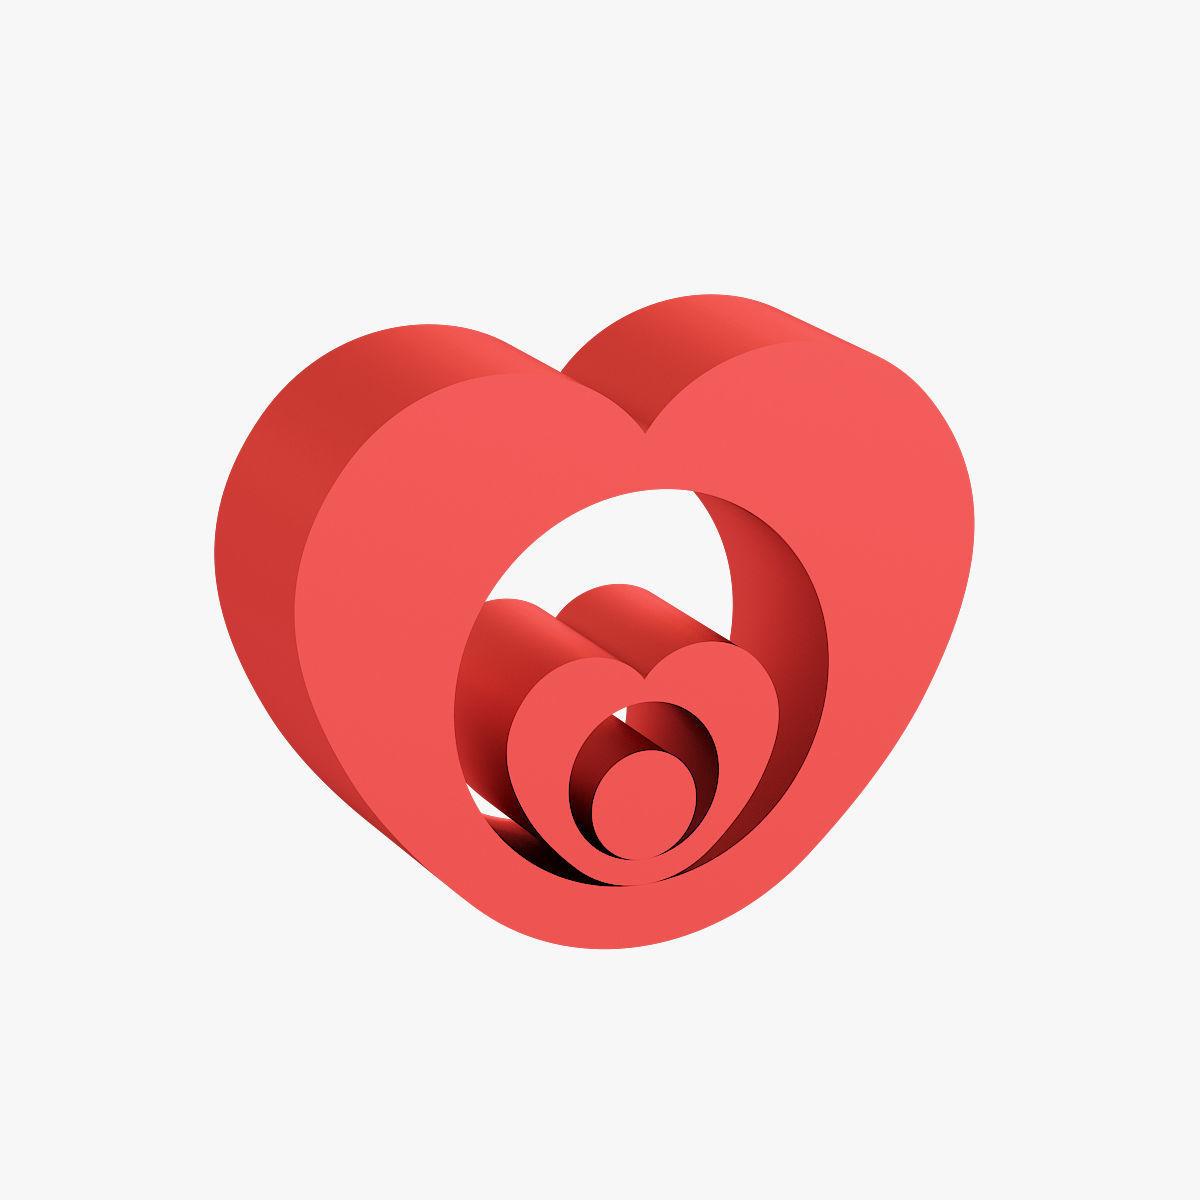 Heart shaped figurine